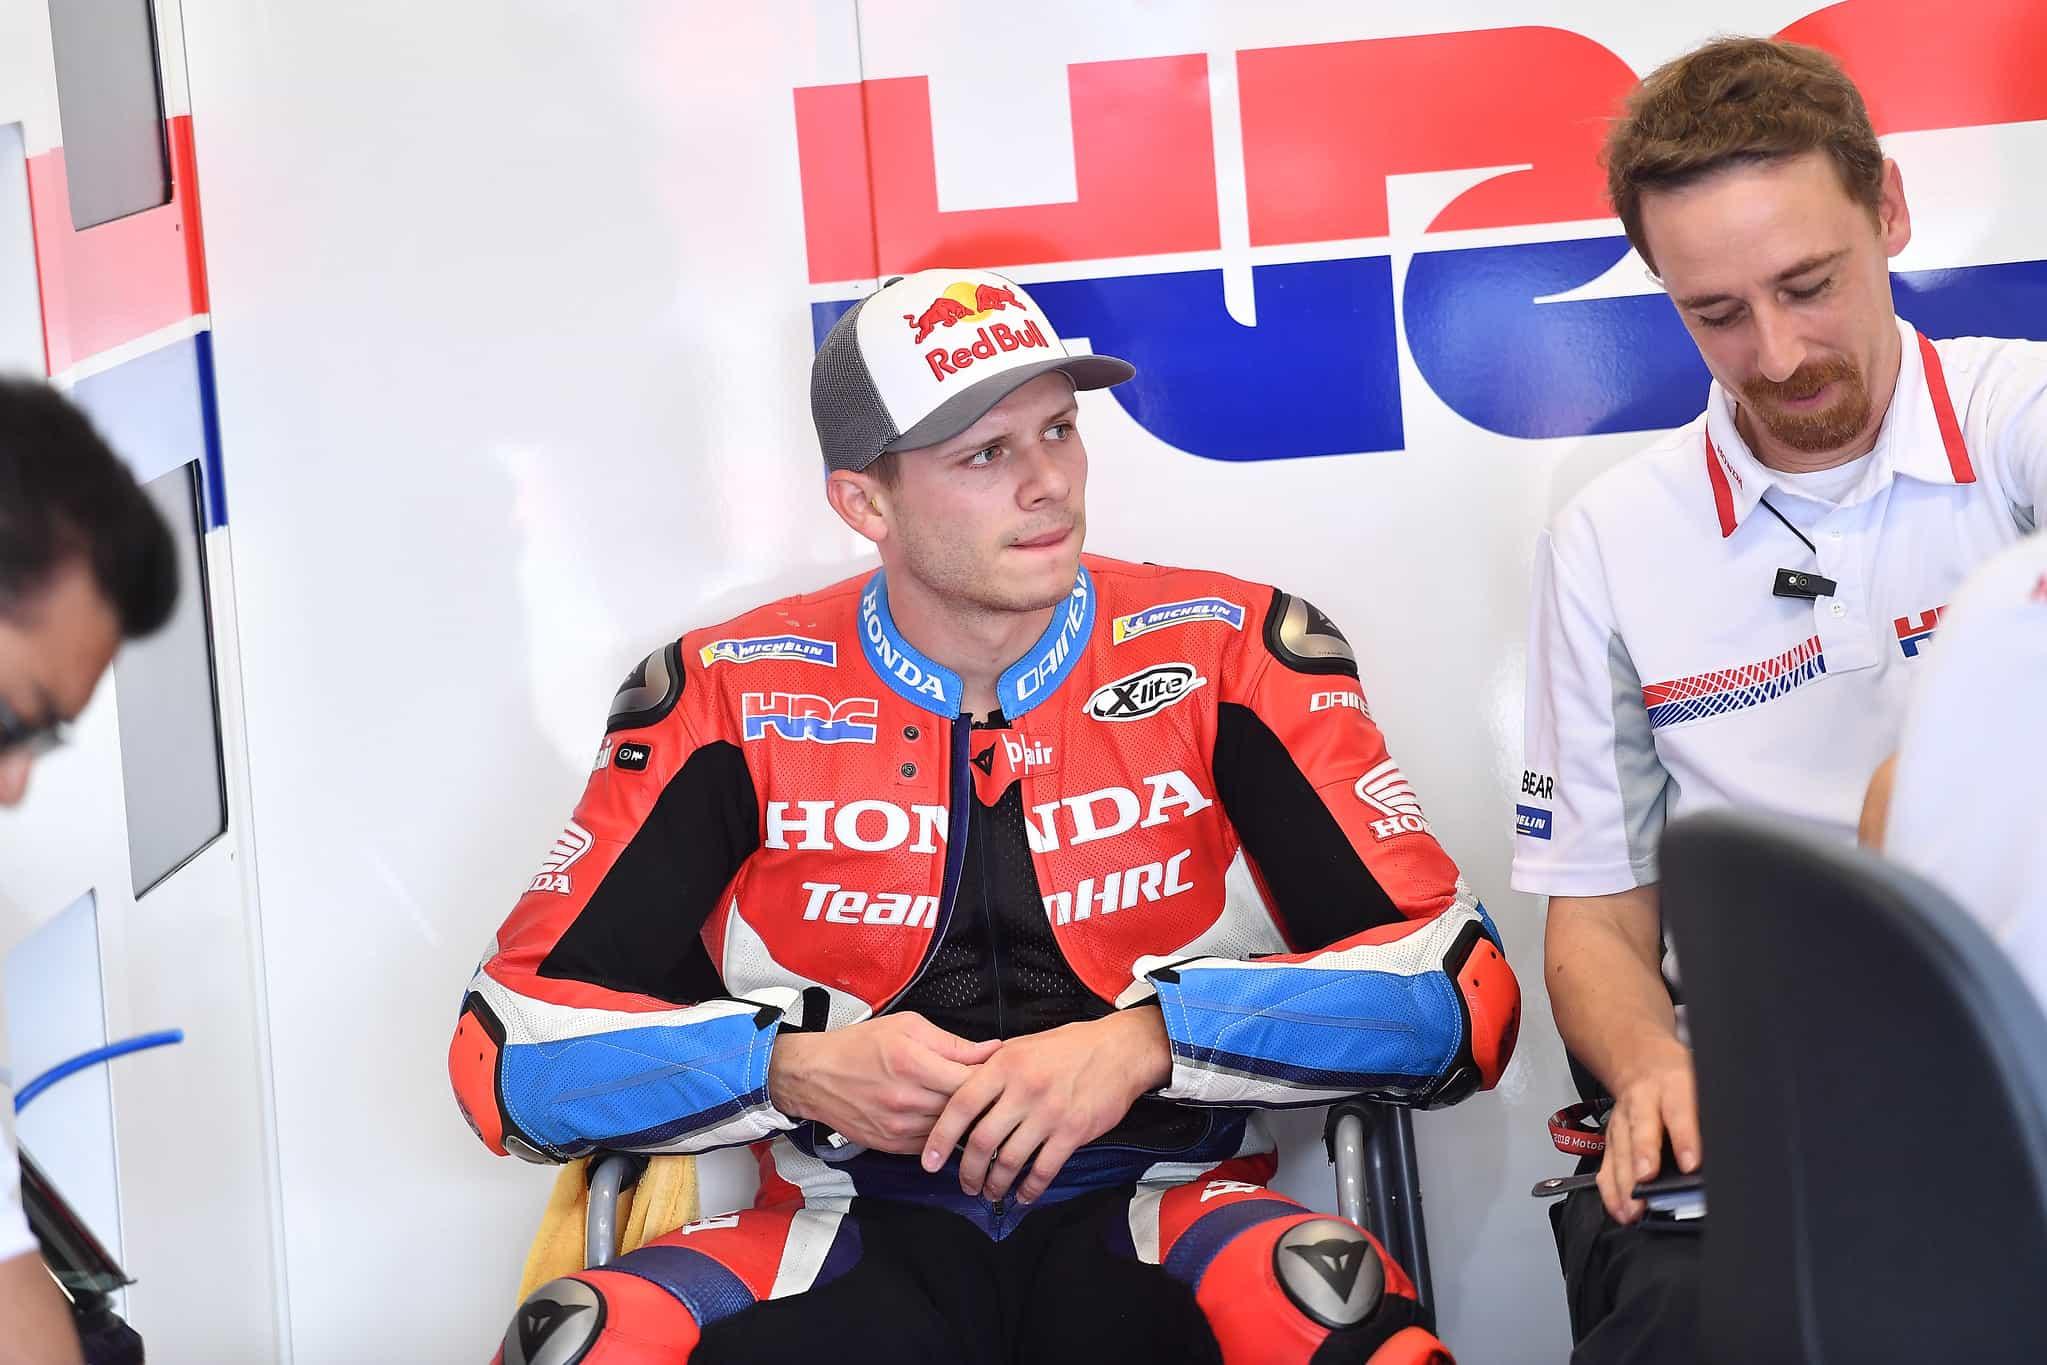 MotoGP2019ドイツGP ブラドル「ホームレースなので特別なレース」